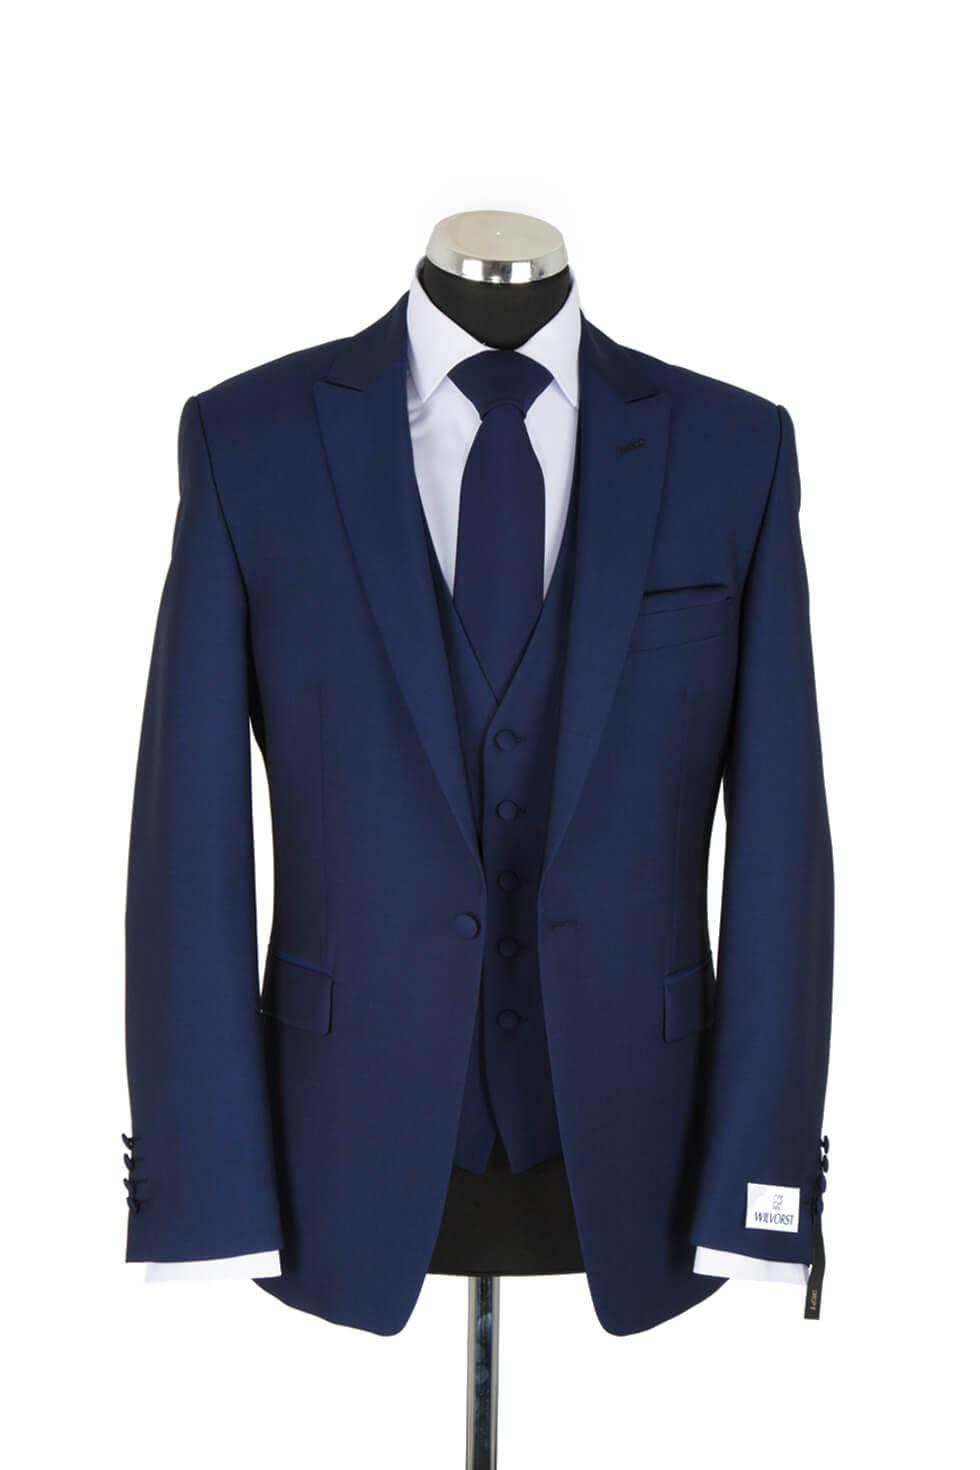 Wilvorst Royal Blue Lounge Suit